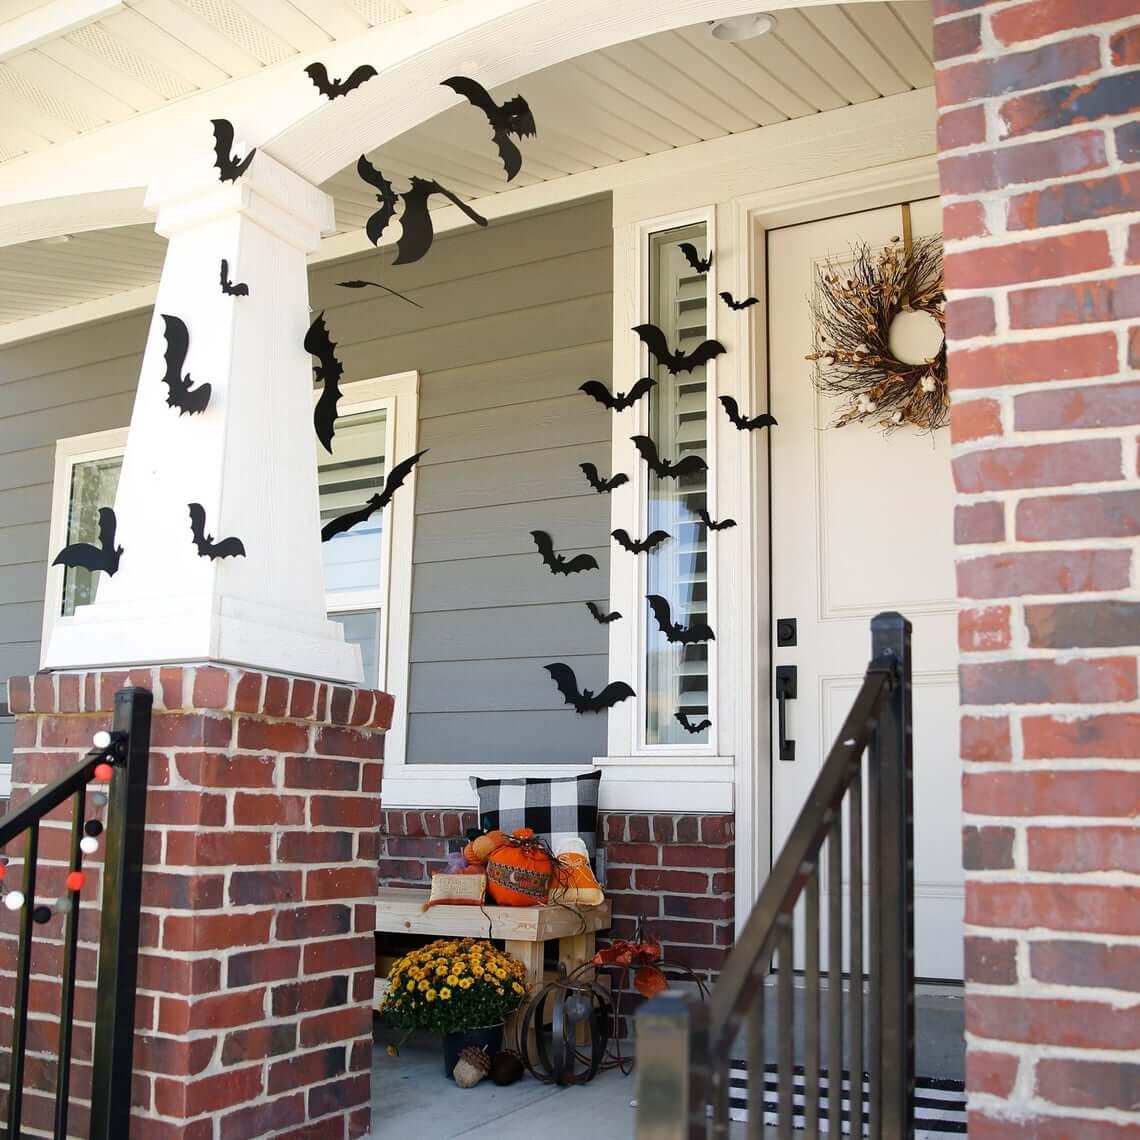 Bats, Bats and More Bats